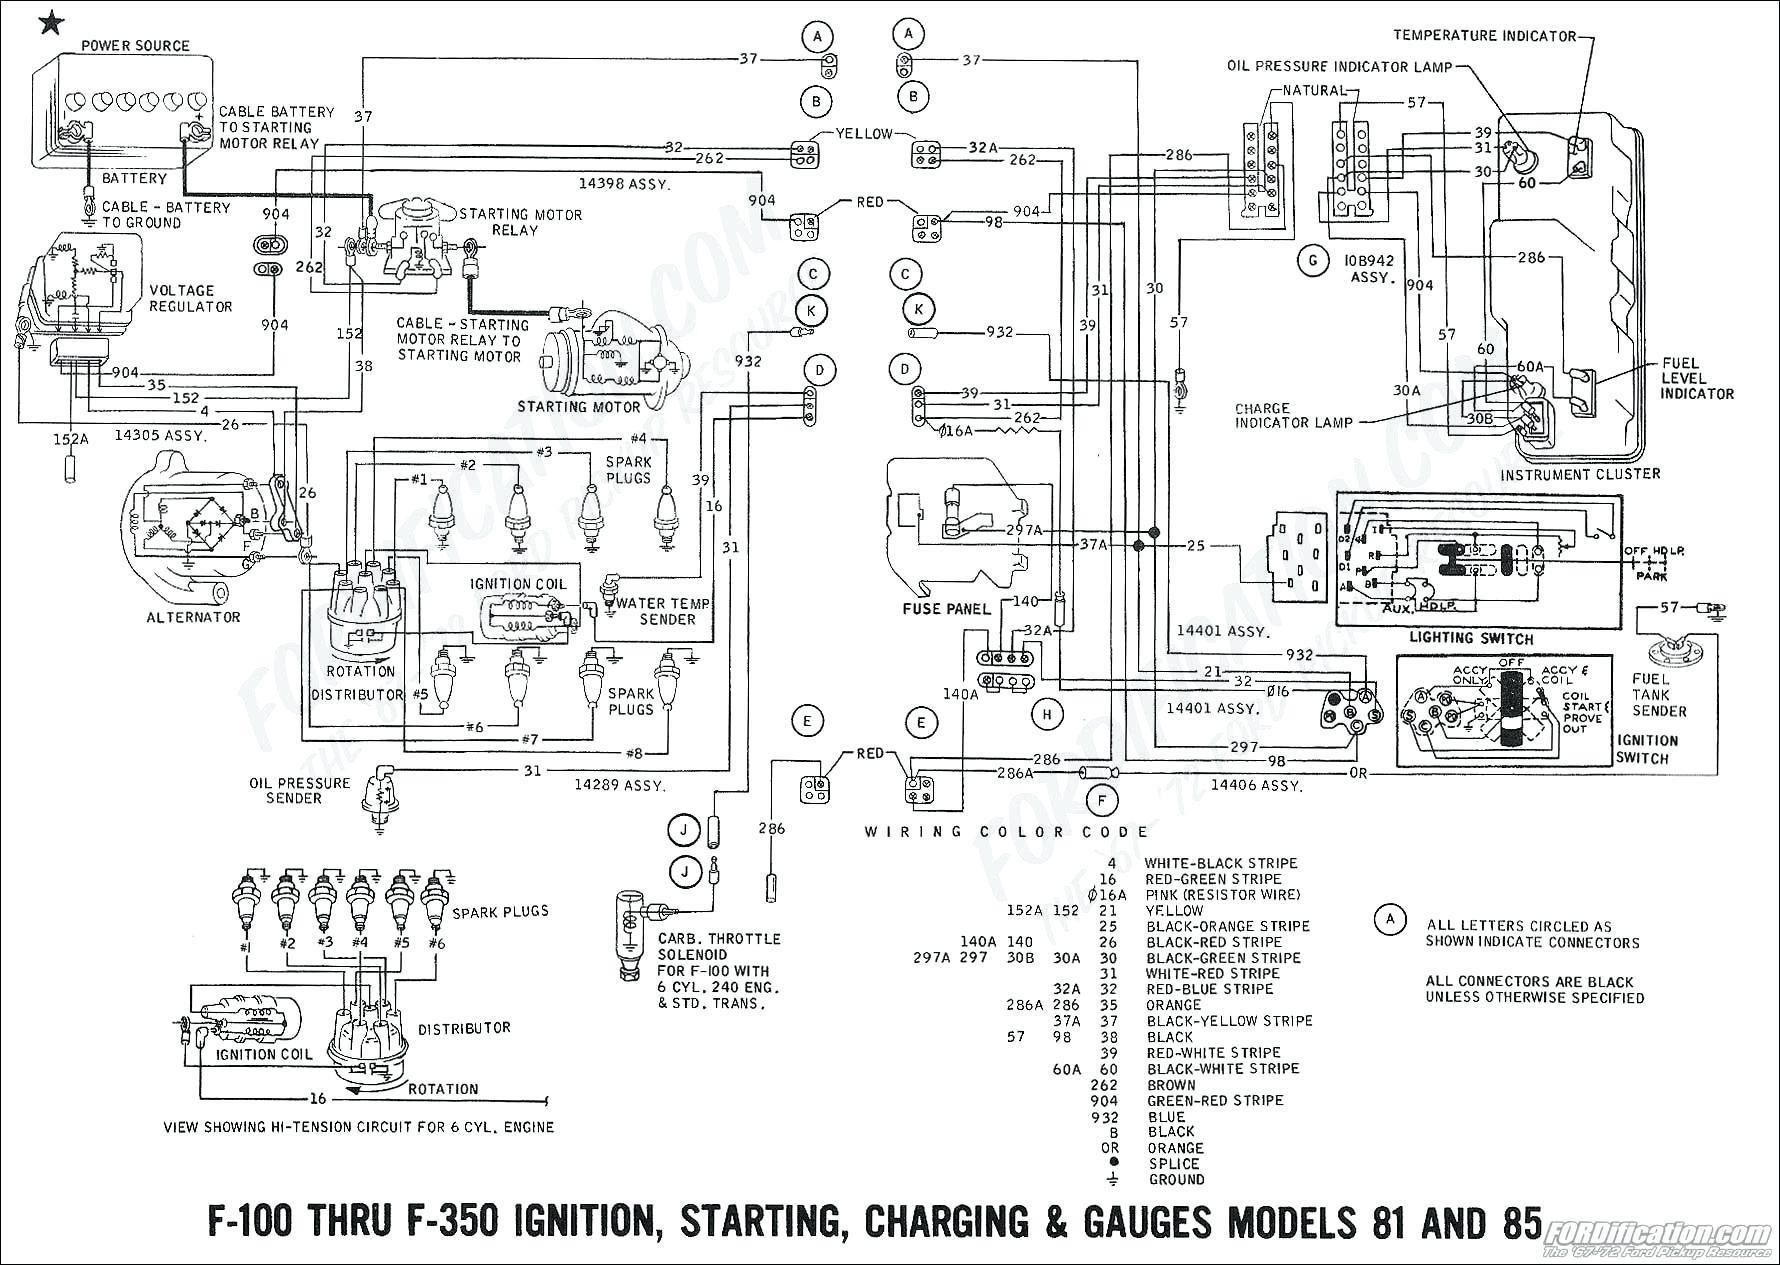 ford f250 wiring diagram for trailer light - bookingritzcarlton.info | ford  truck, diagram design, diagram  pinterest